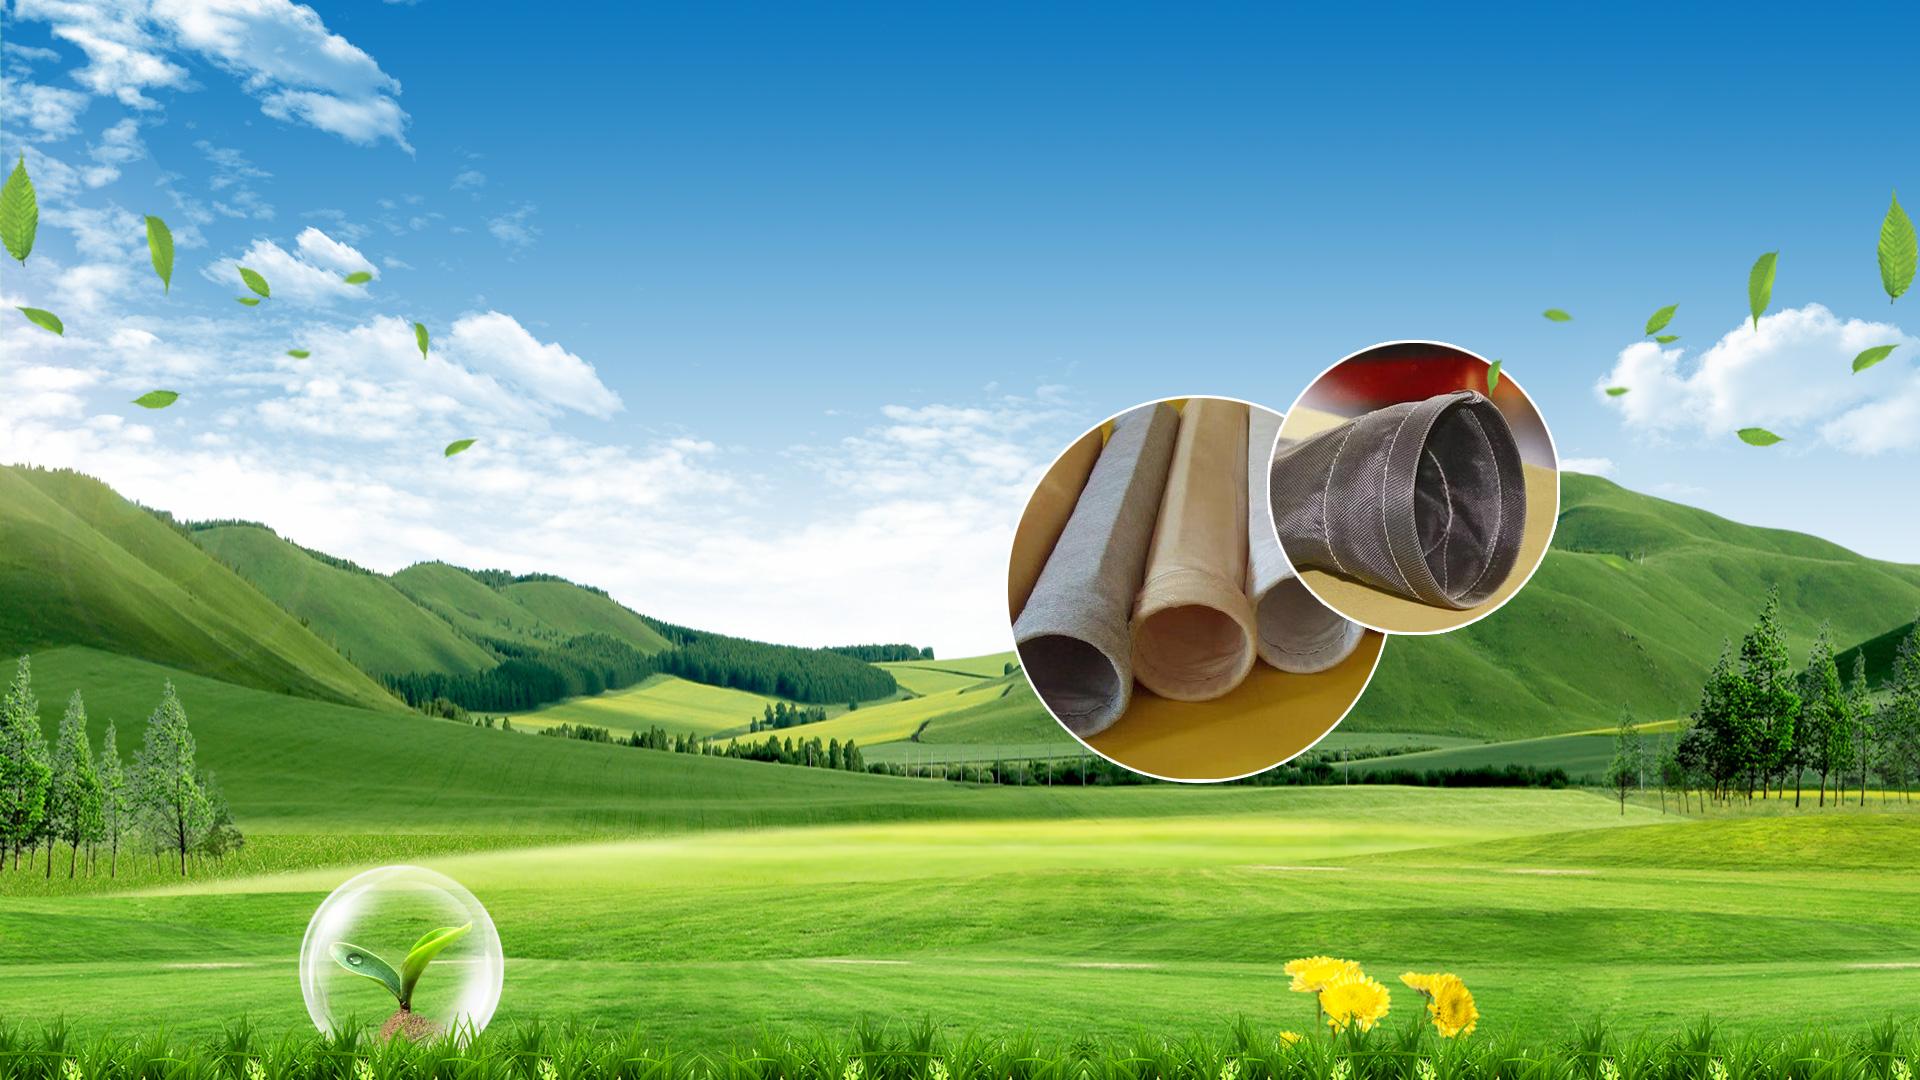 betball贝博软件下载贝博ballbet体育app环保科技有限公司